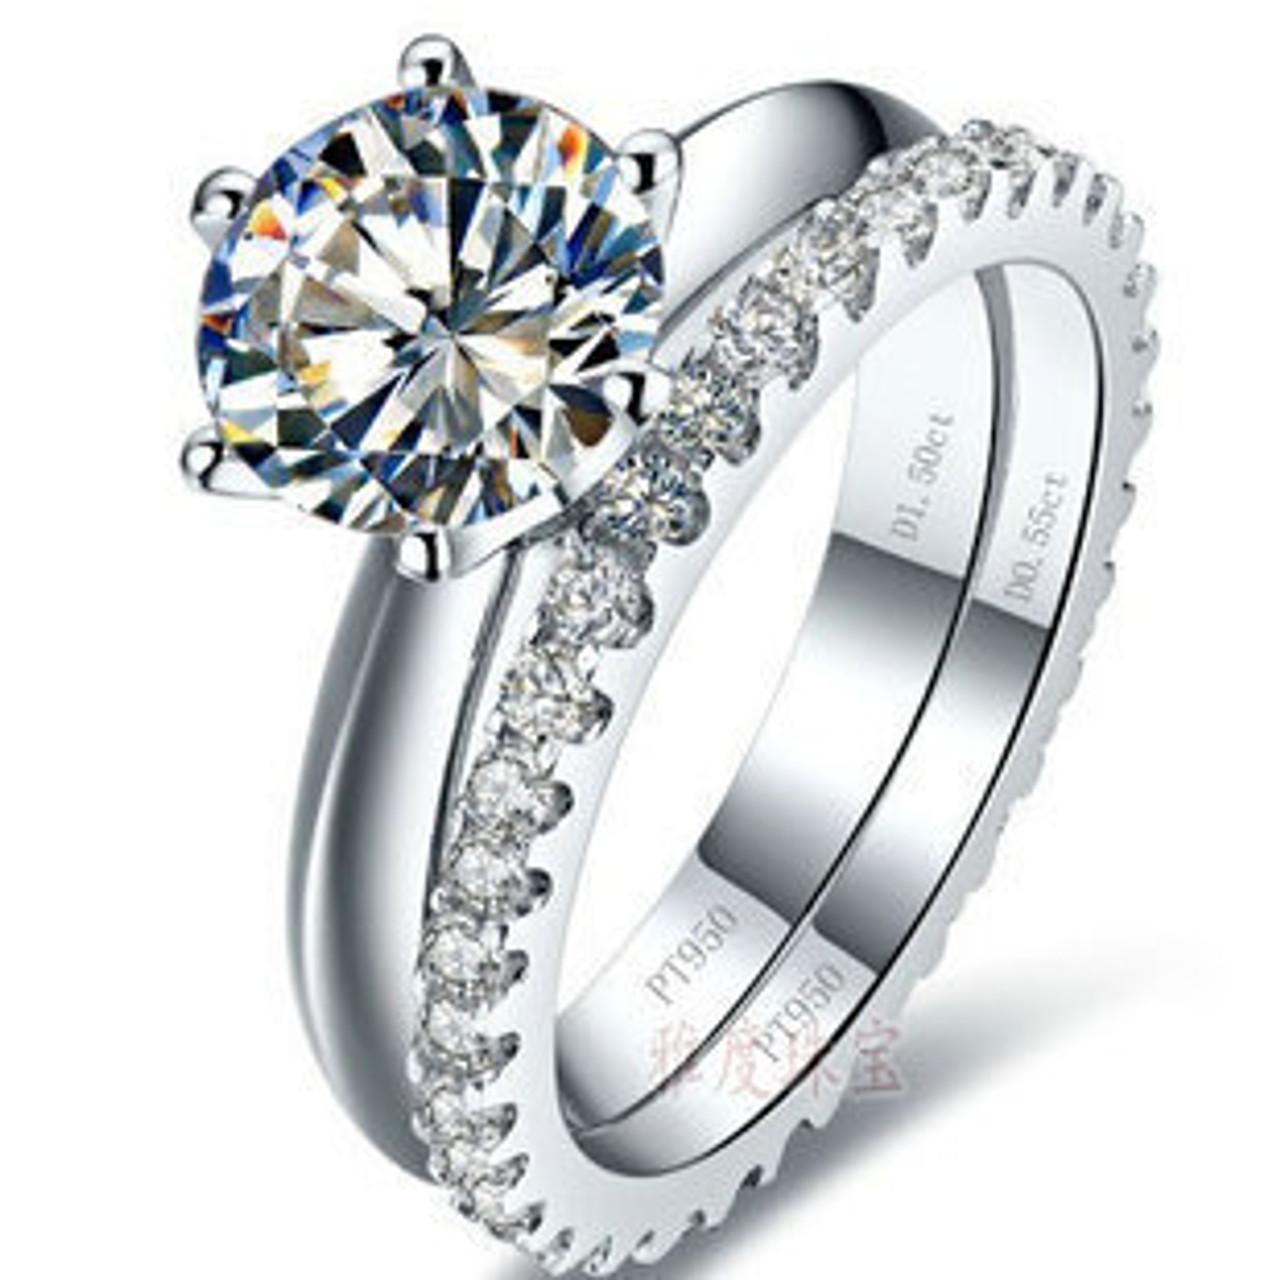 296443373 ... Luxury quality 2 Carat SONA synthetic stone wedding ring set,bridal  set, engagement ring ...